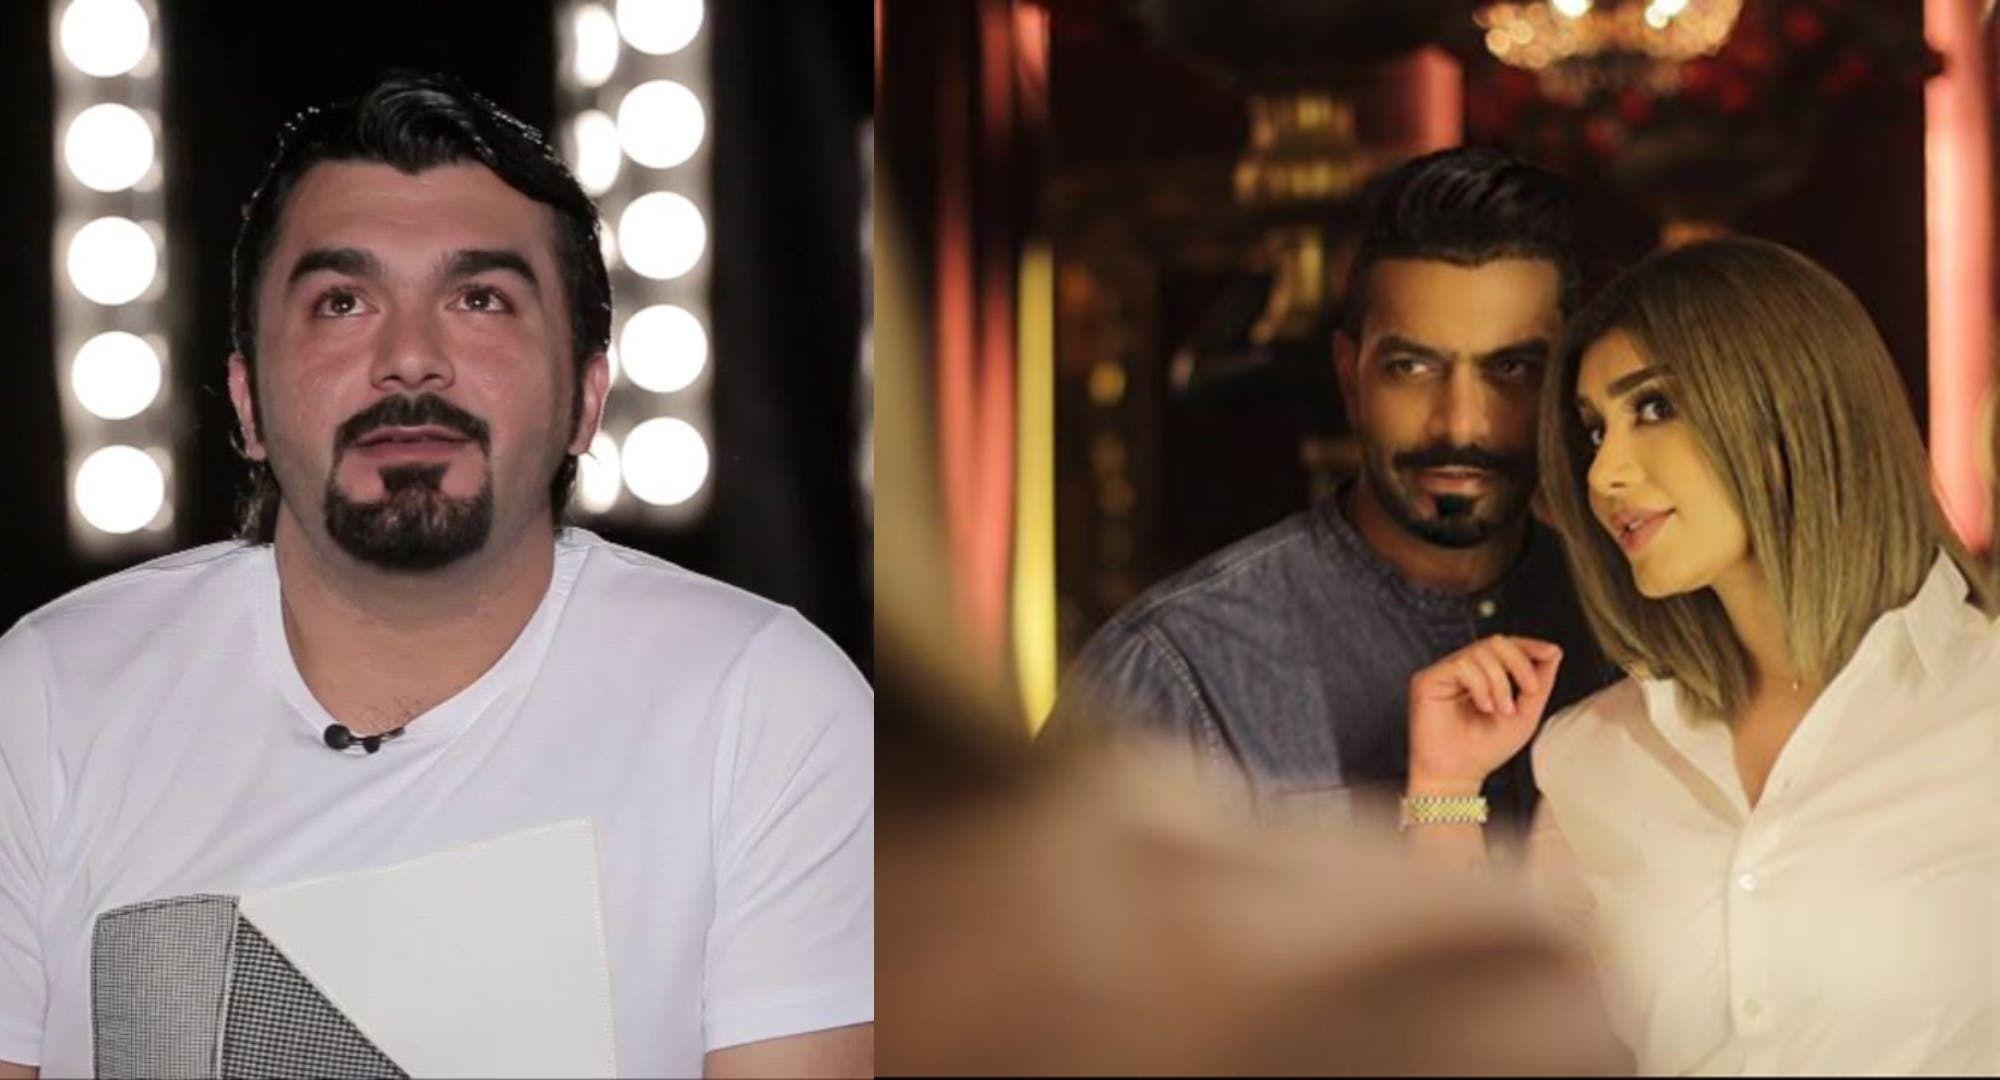 عبد الله بهمن يتهم محمد الحداد بالدياثة والأخير يتهمه بالسرقة وهل السبب هنادي الكندري Couple Photos Couples Scenes